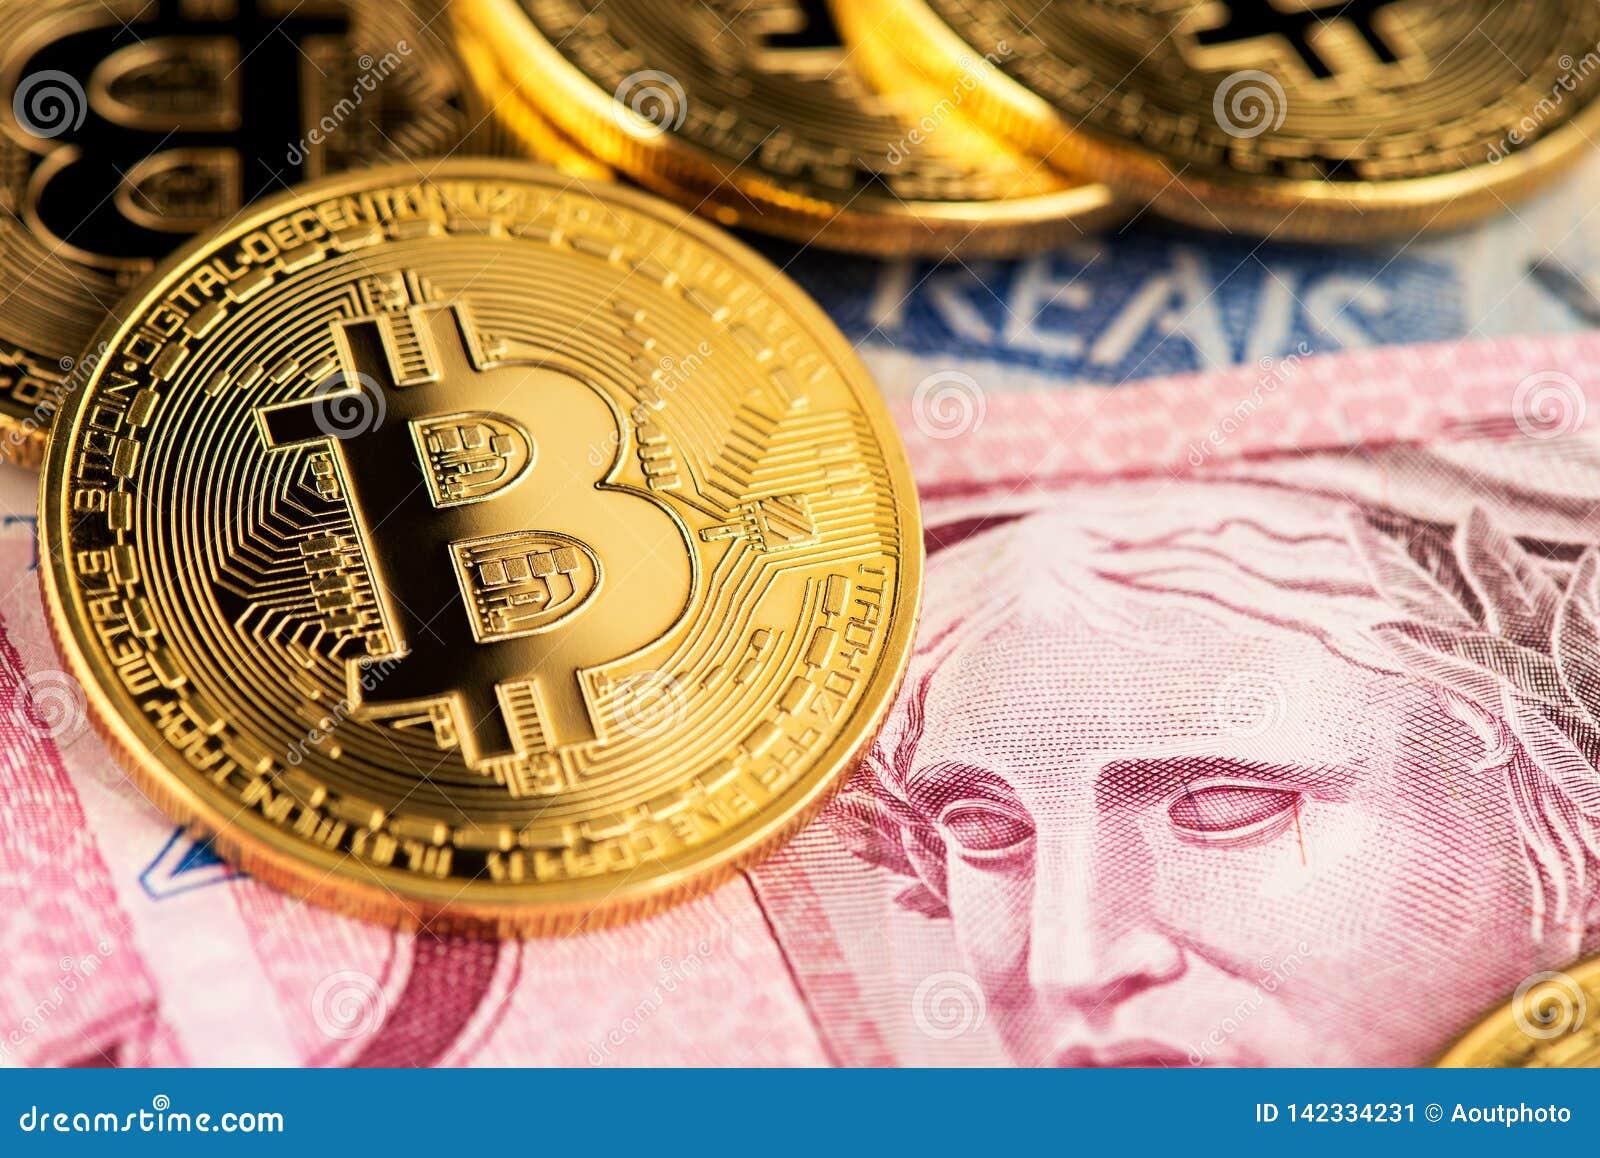 Argent virtuel de cryptocurrency de Bitcoin sur de vrais billets de banque brésiliens d argent